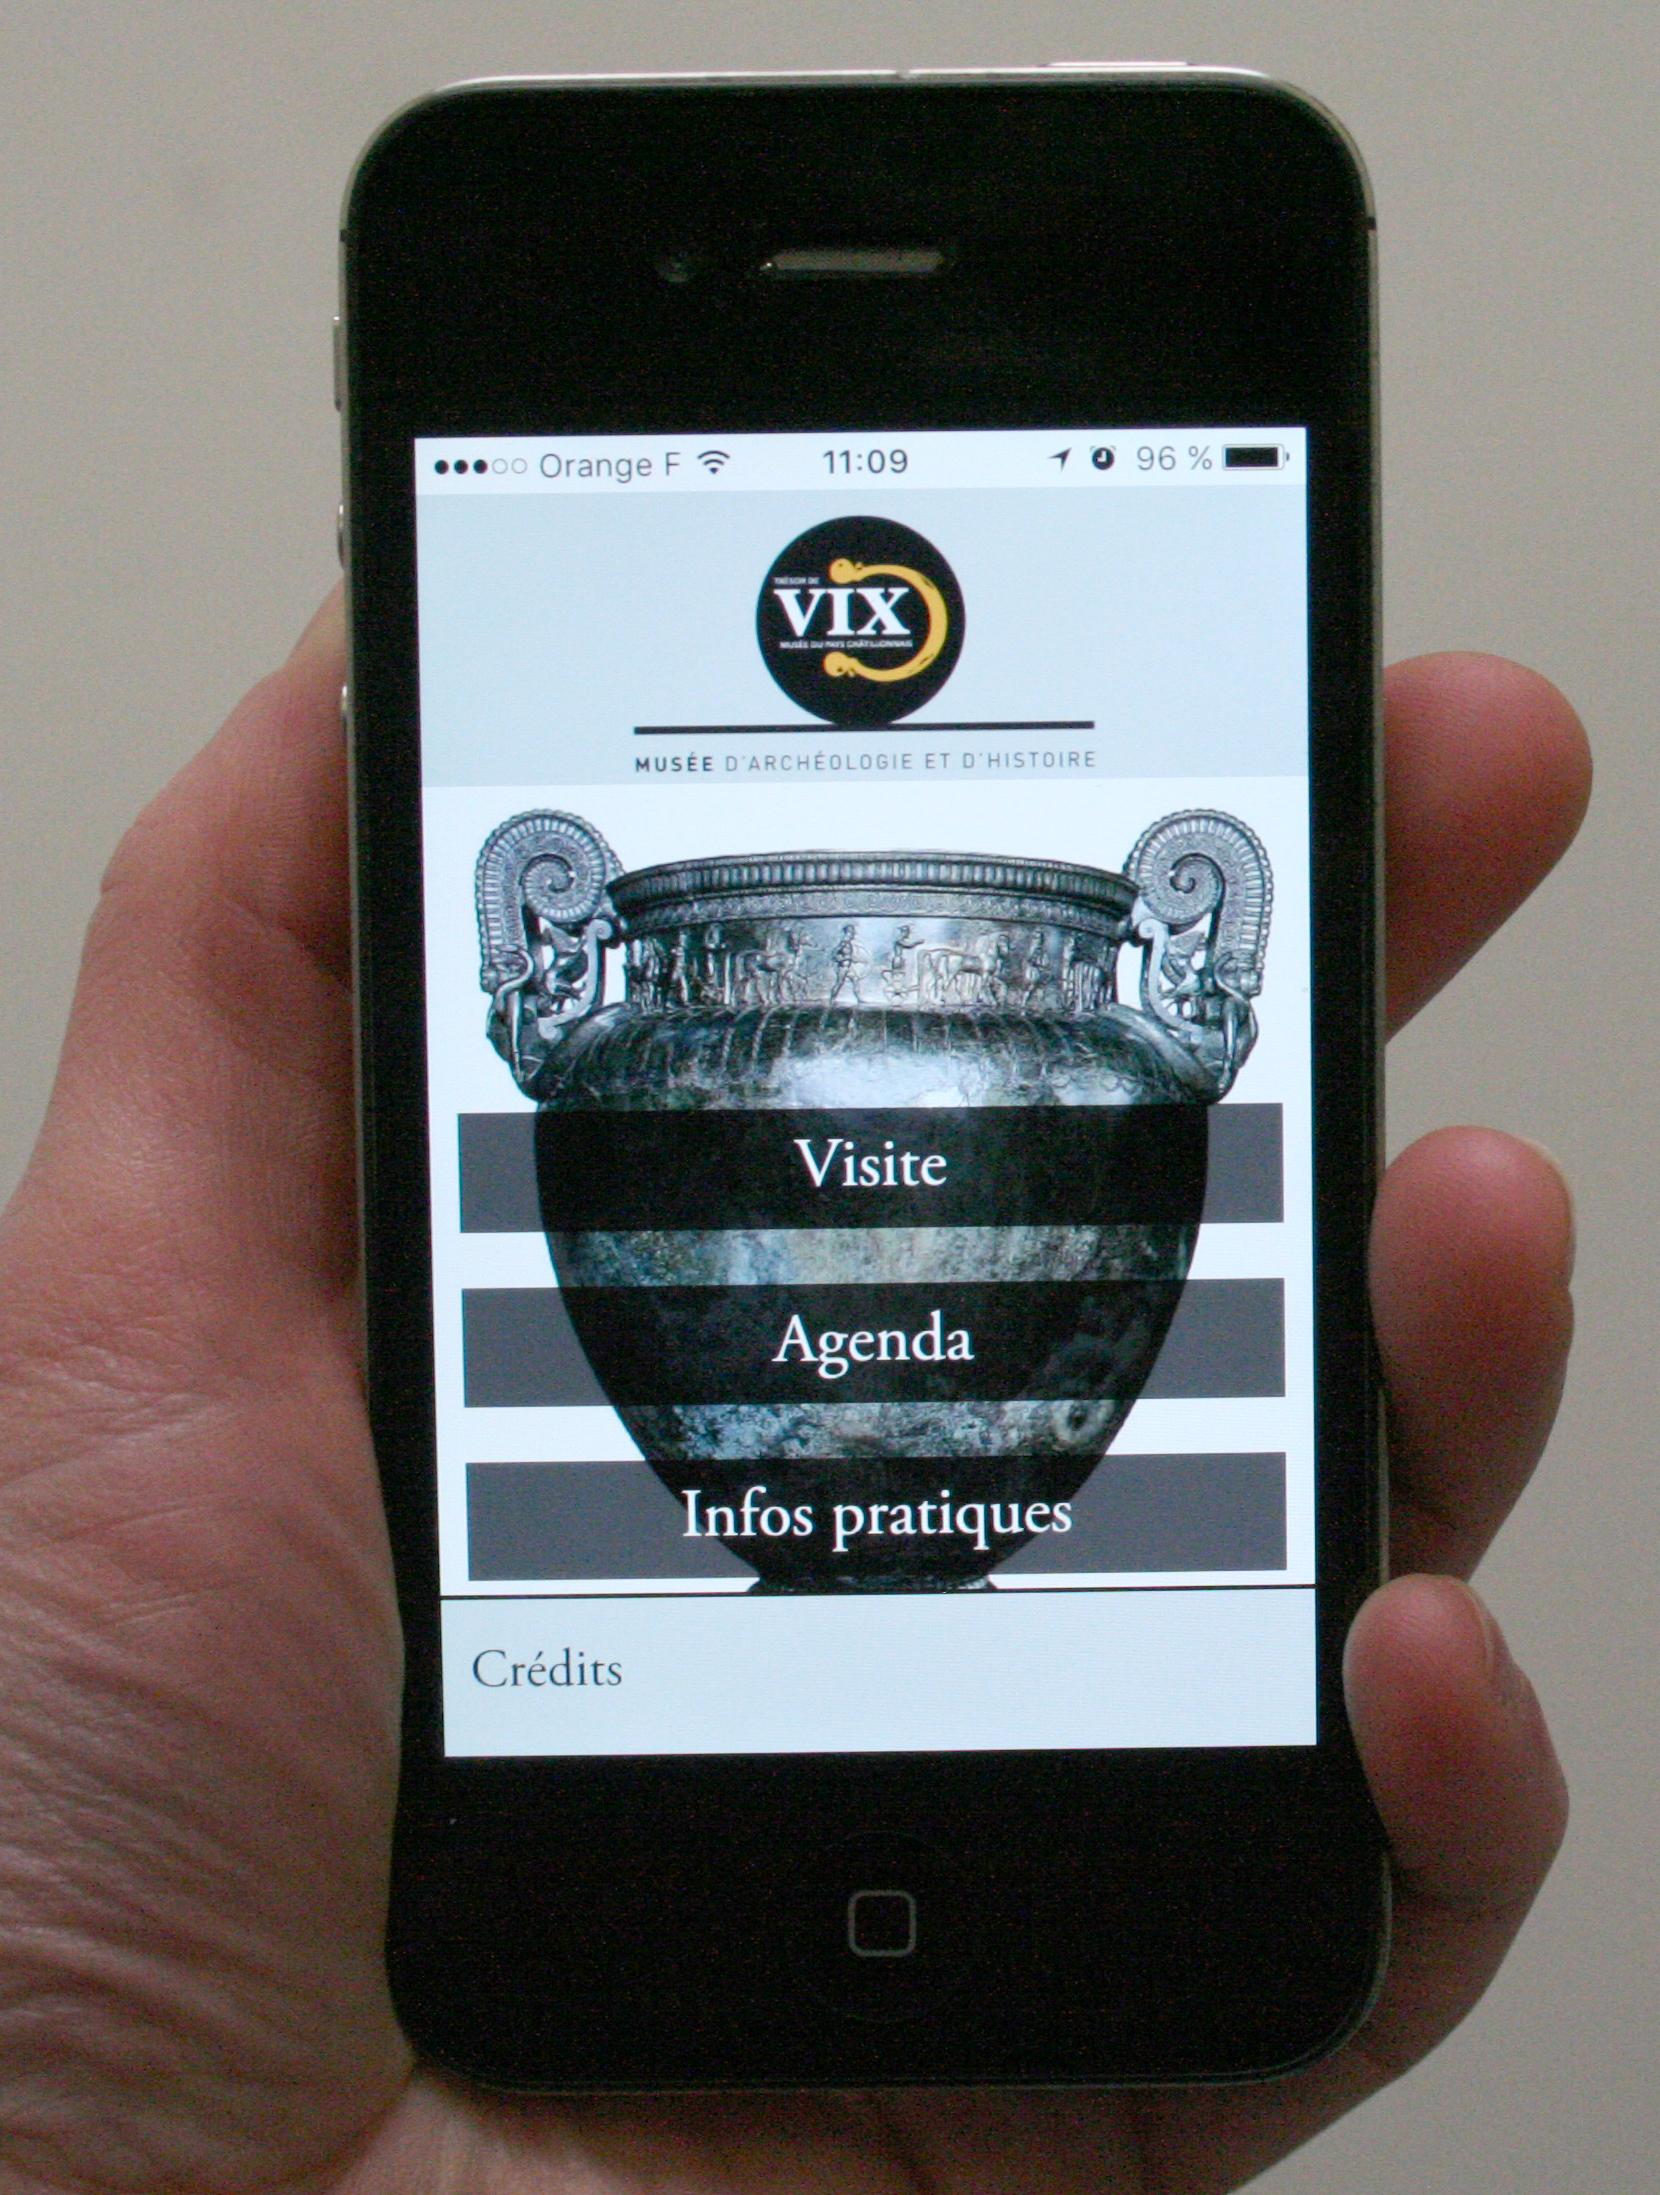 Application Trésor de Vix